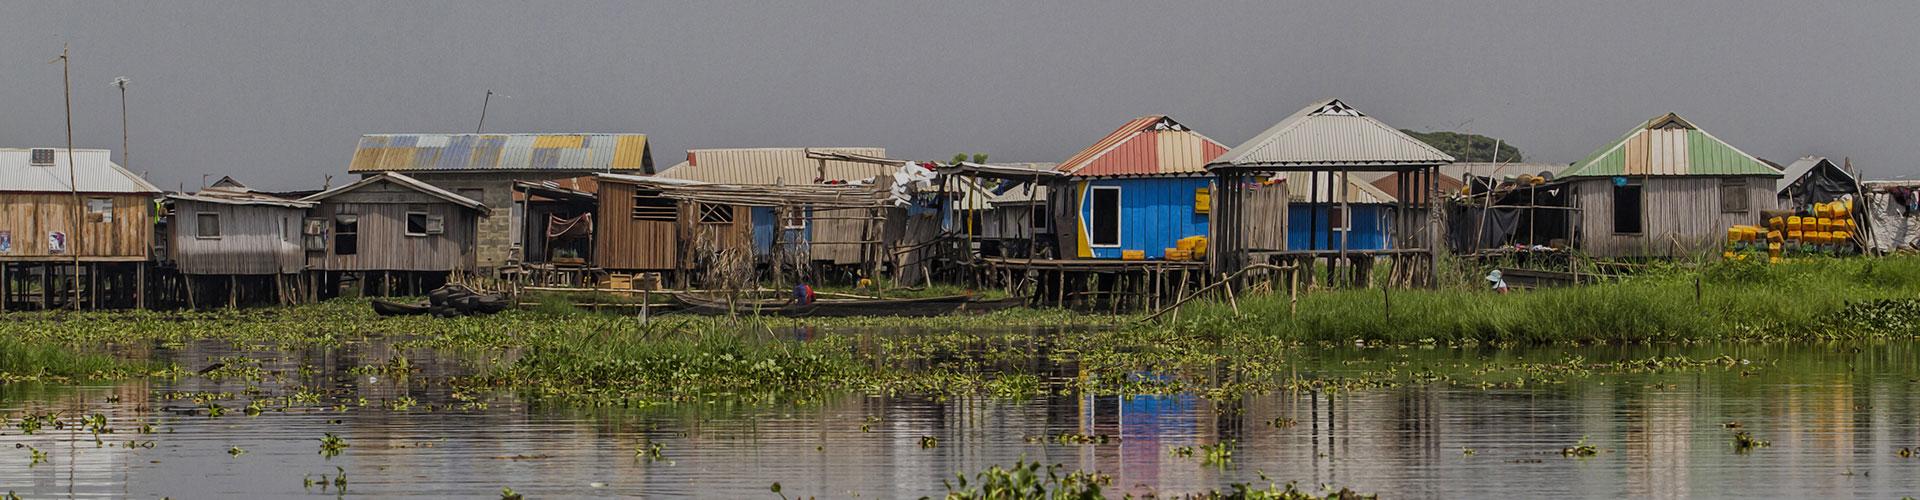 Landmark photograph of Benin